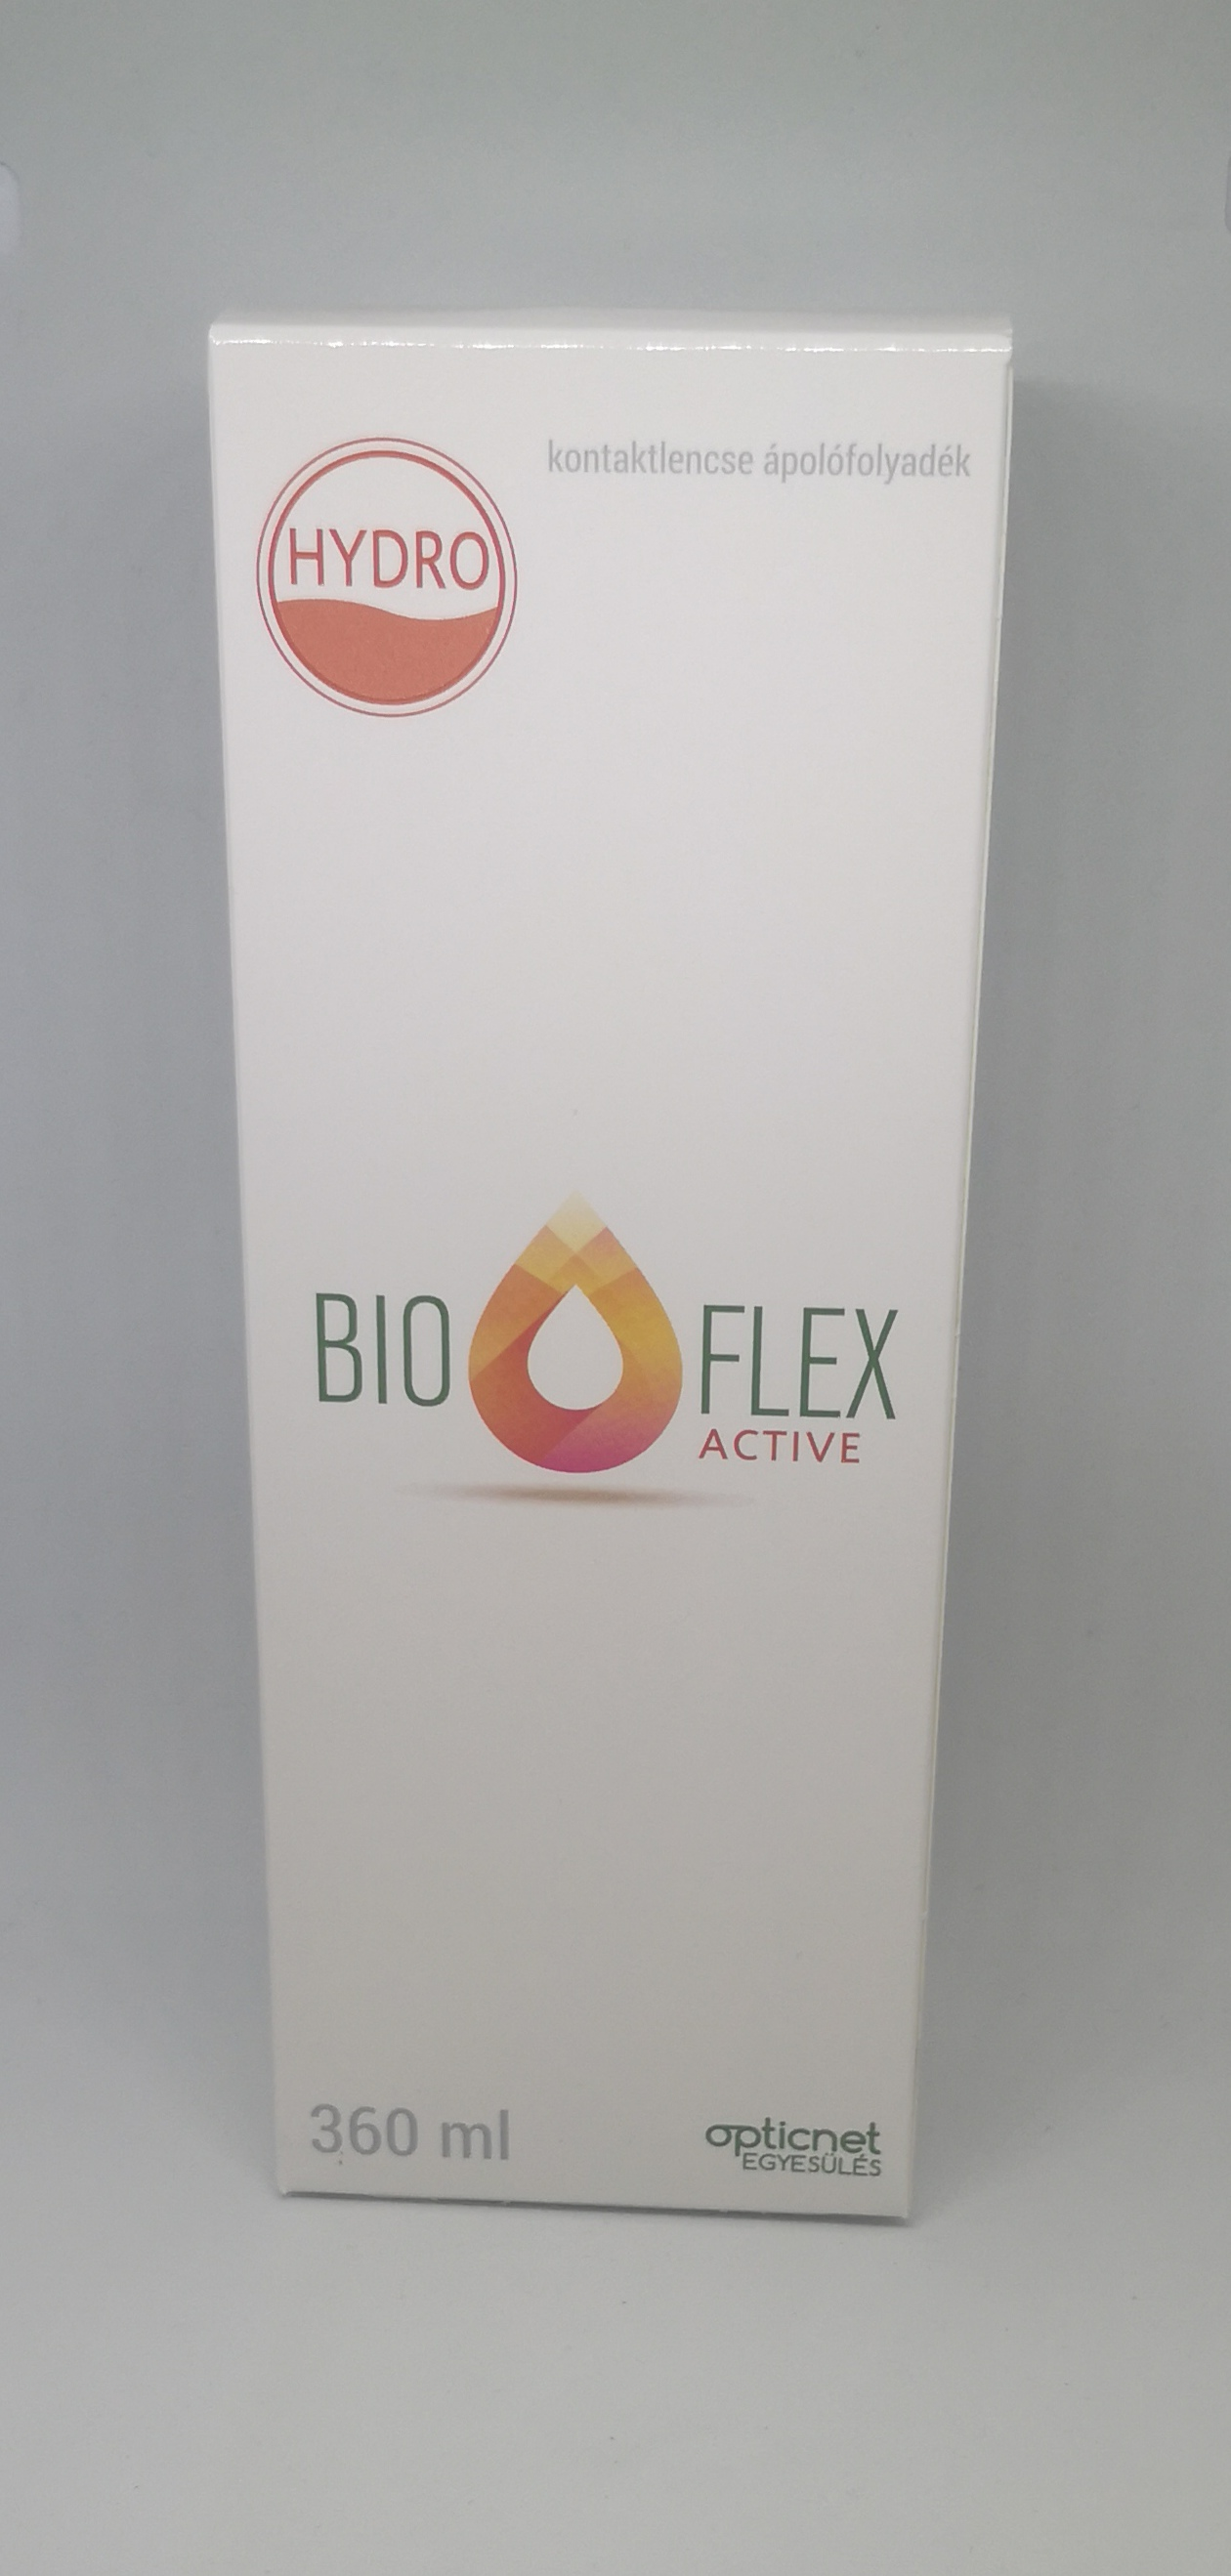 Bioflex Active 360 ml